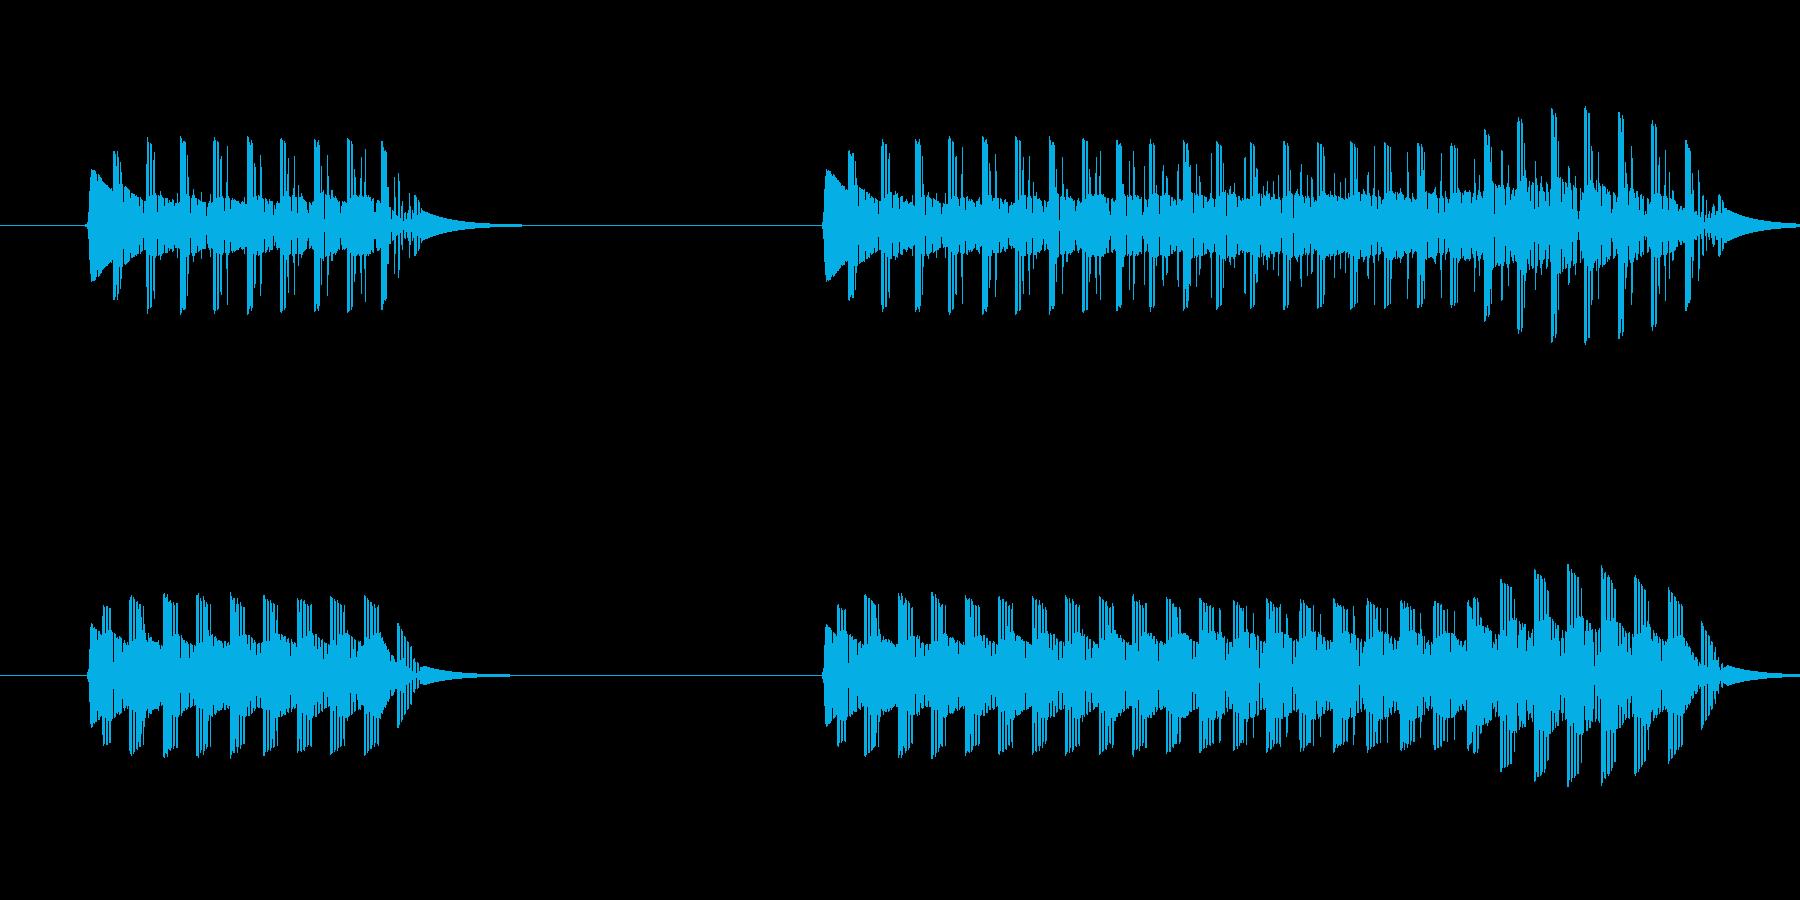 ゲーム、クイズ(ブー音)_013の再生済みの波形